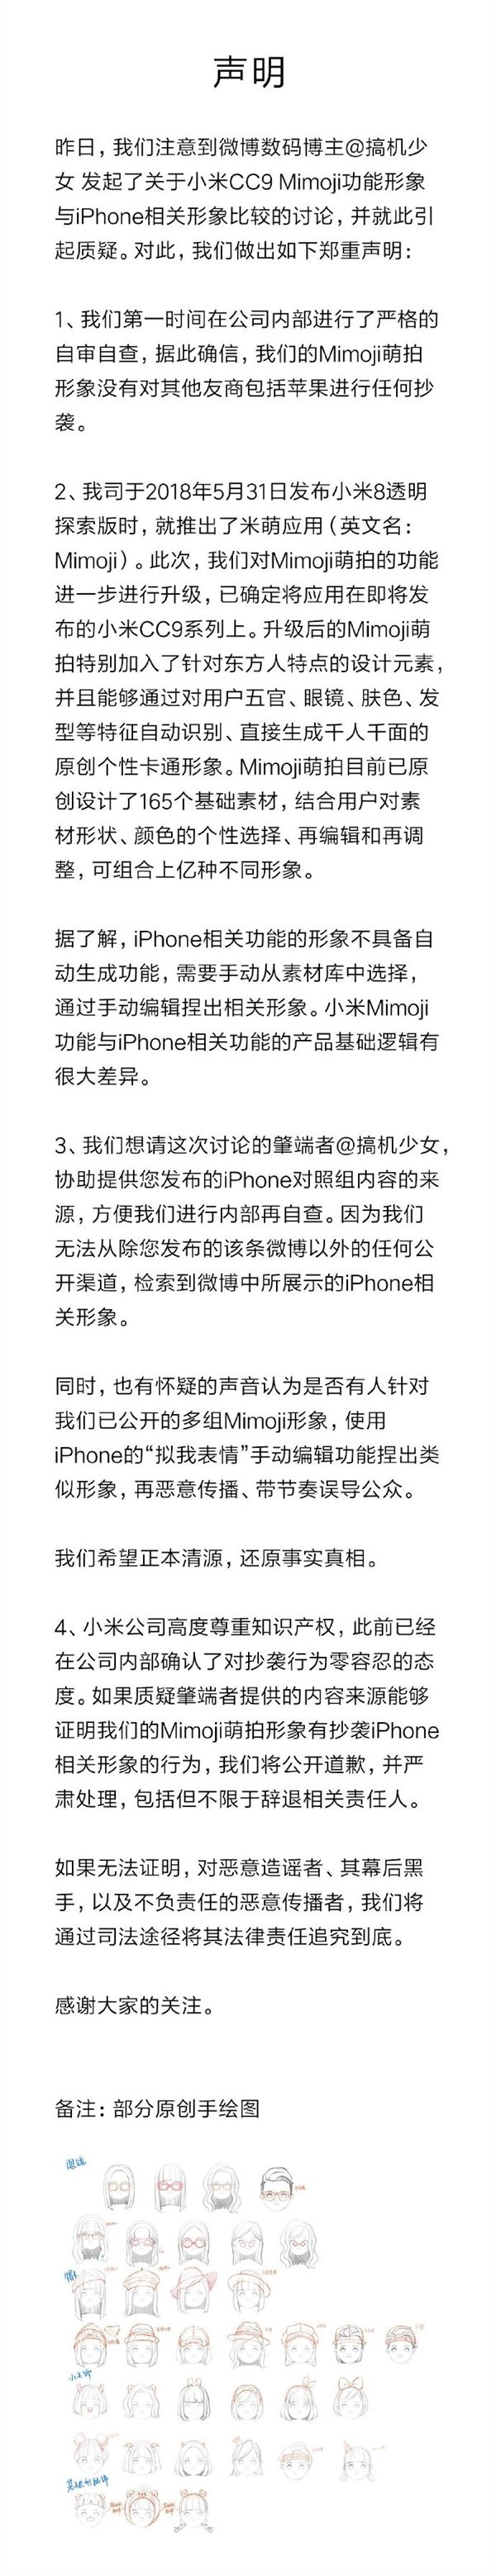 小米:Mimoji与苹果Memoji功能逻辑差异巨大 没有抄袭